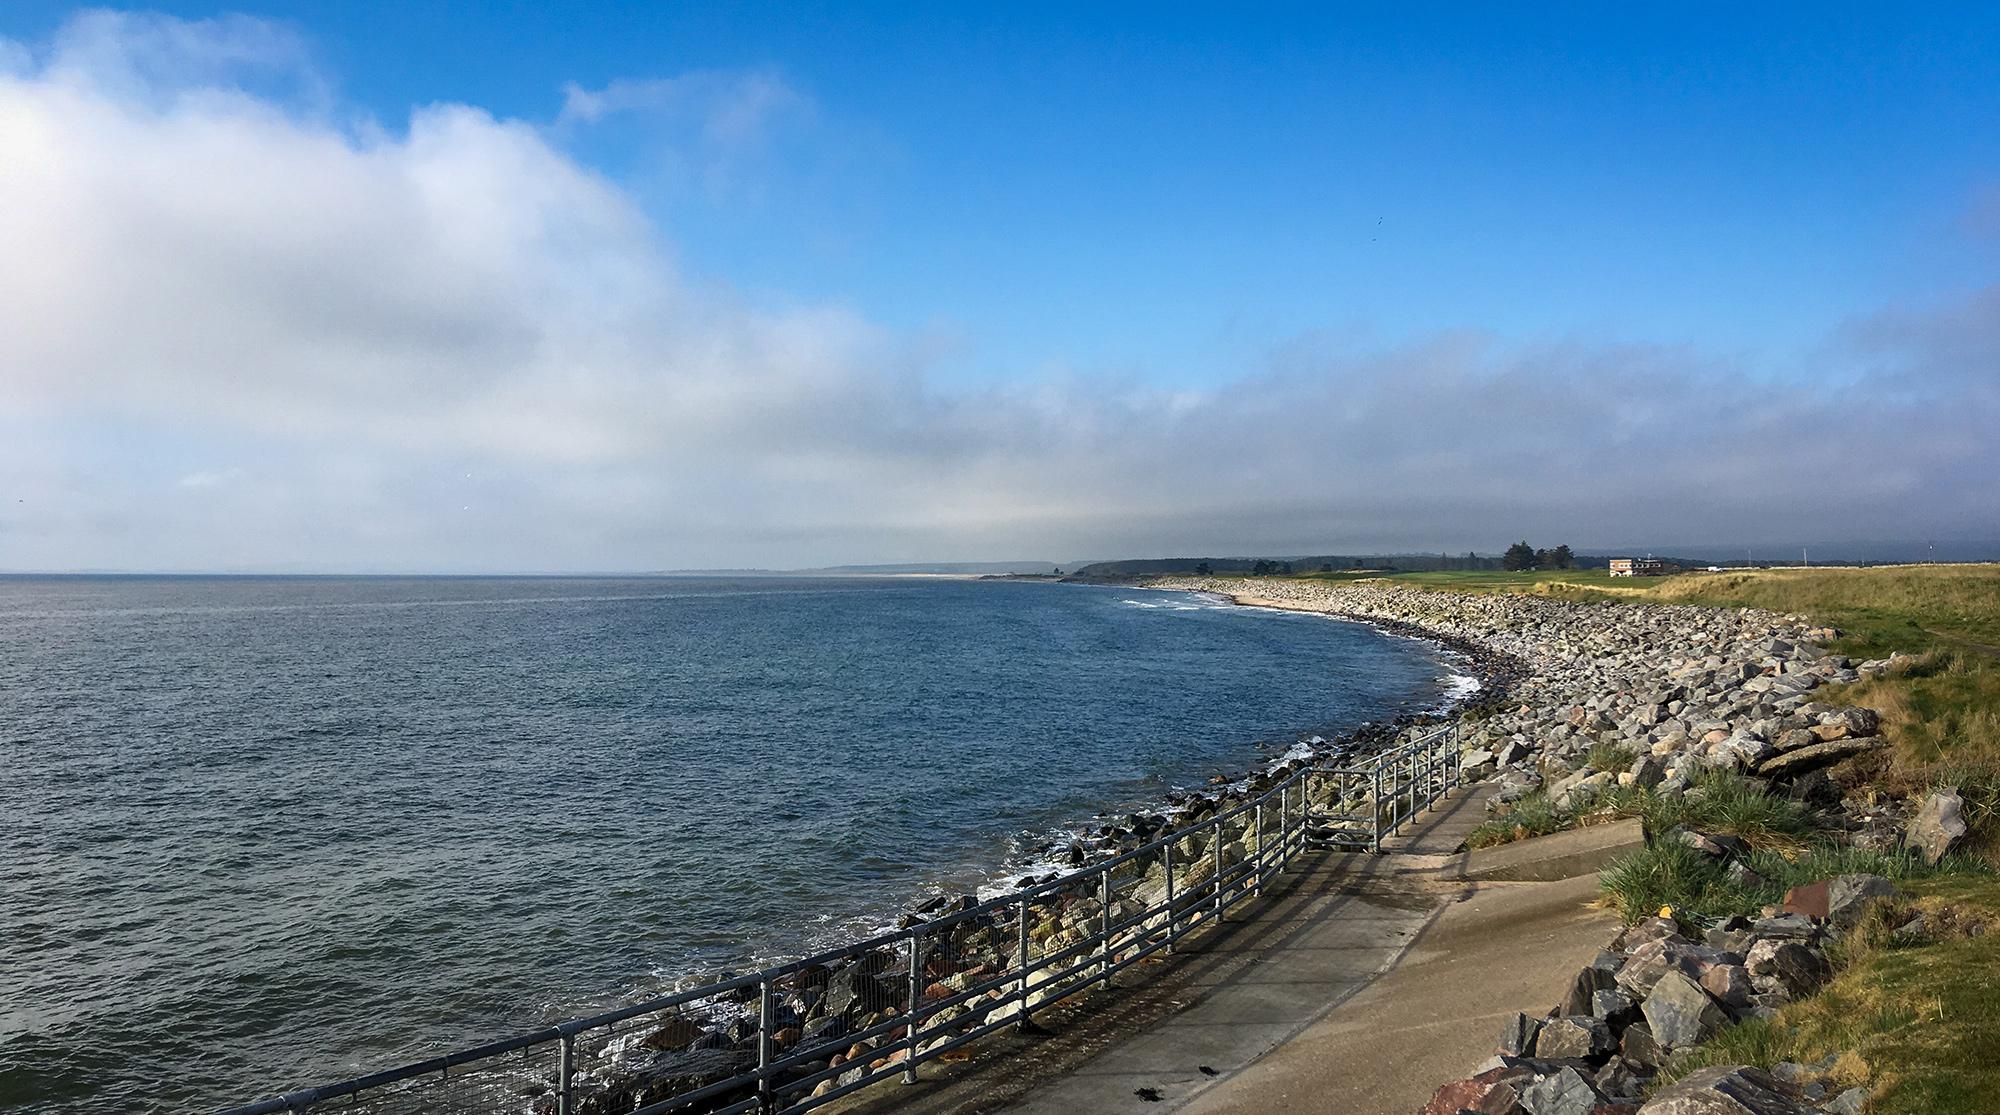 Golspie mit Wiese, Steinstrand und das Meer